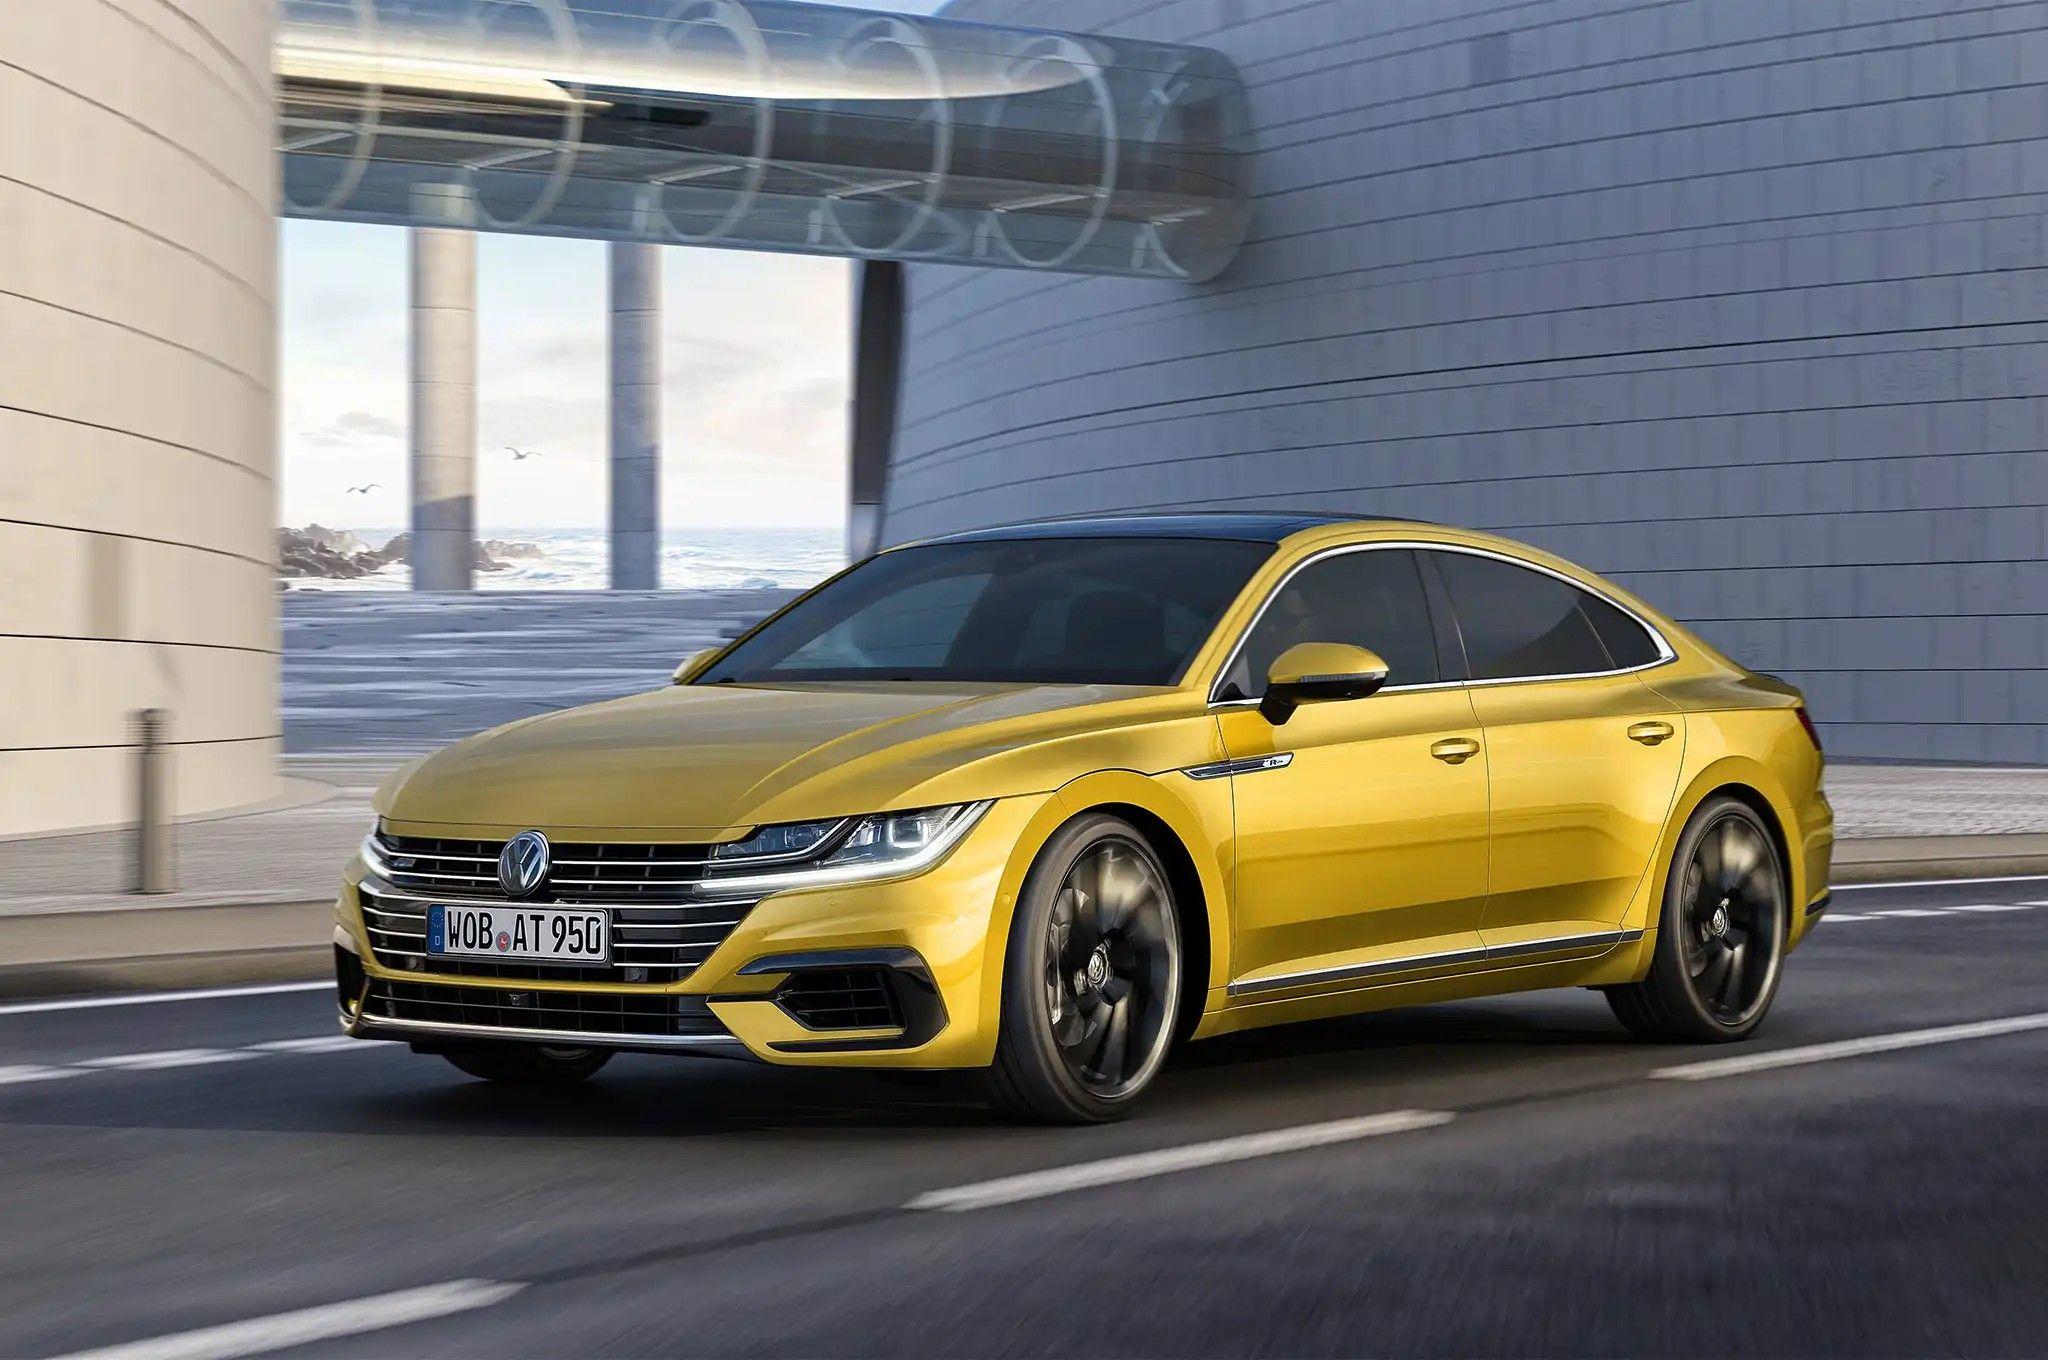 Download 2018 Volkswagen Arteon R Line Vivantenature Com Volkswagen Bmw Gran Turismo